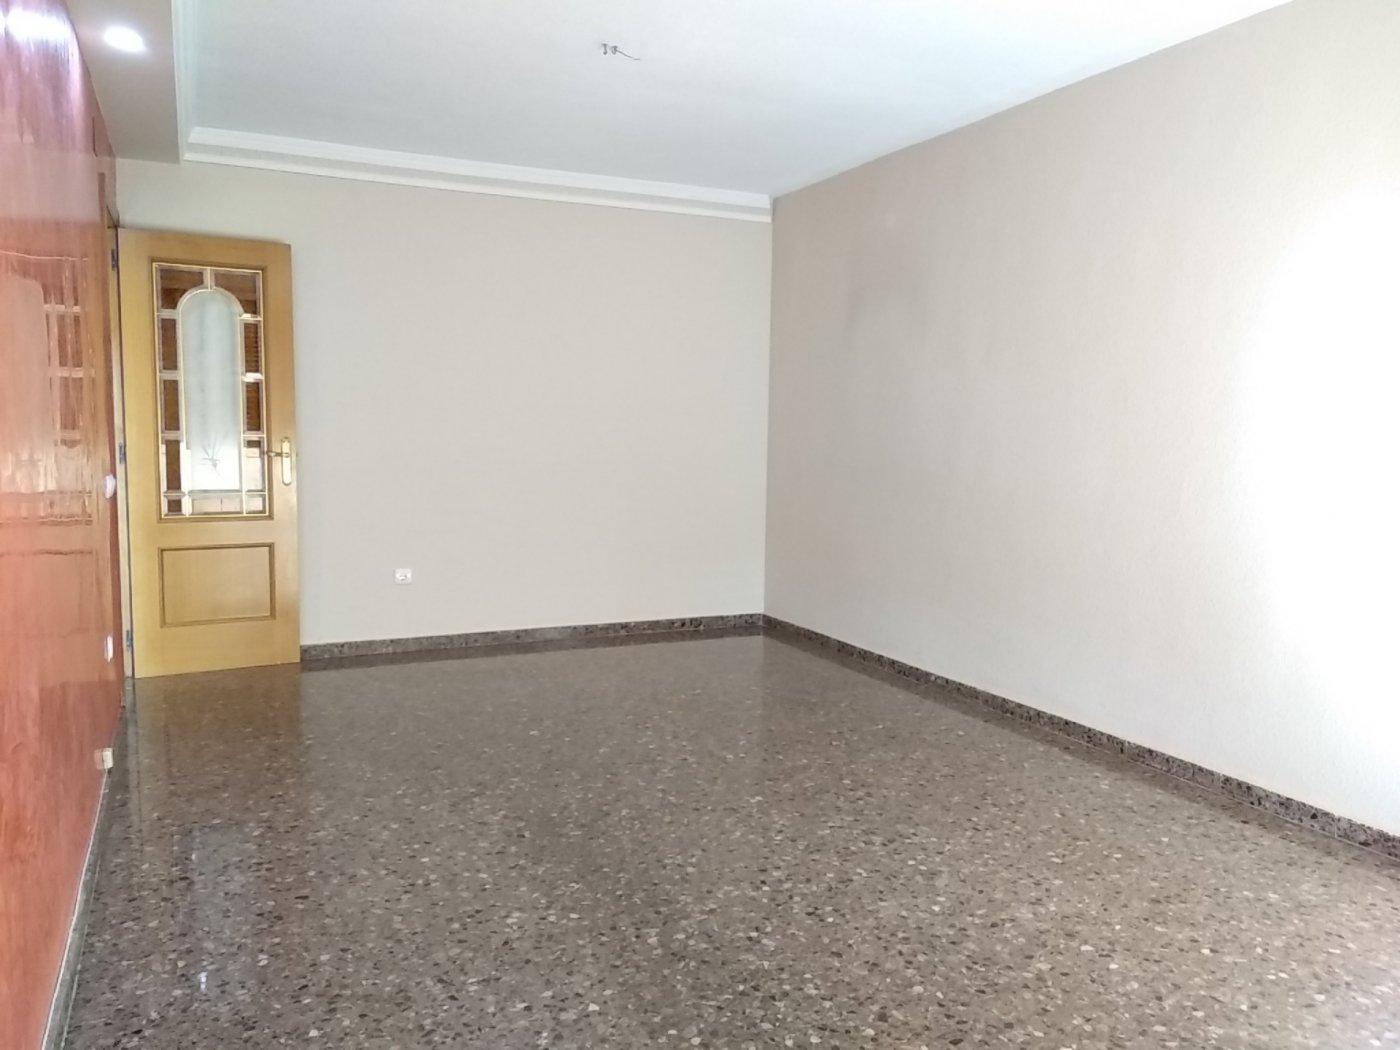 Alquiler Piso  Alaquas ,camino viejo. Se alquila piso en zona la sequieta de alaquas